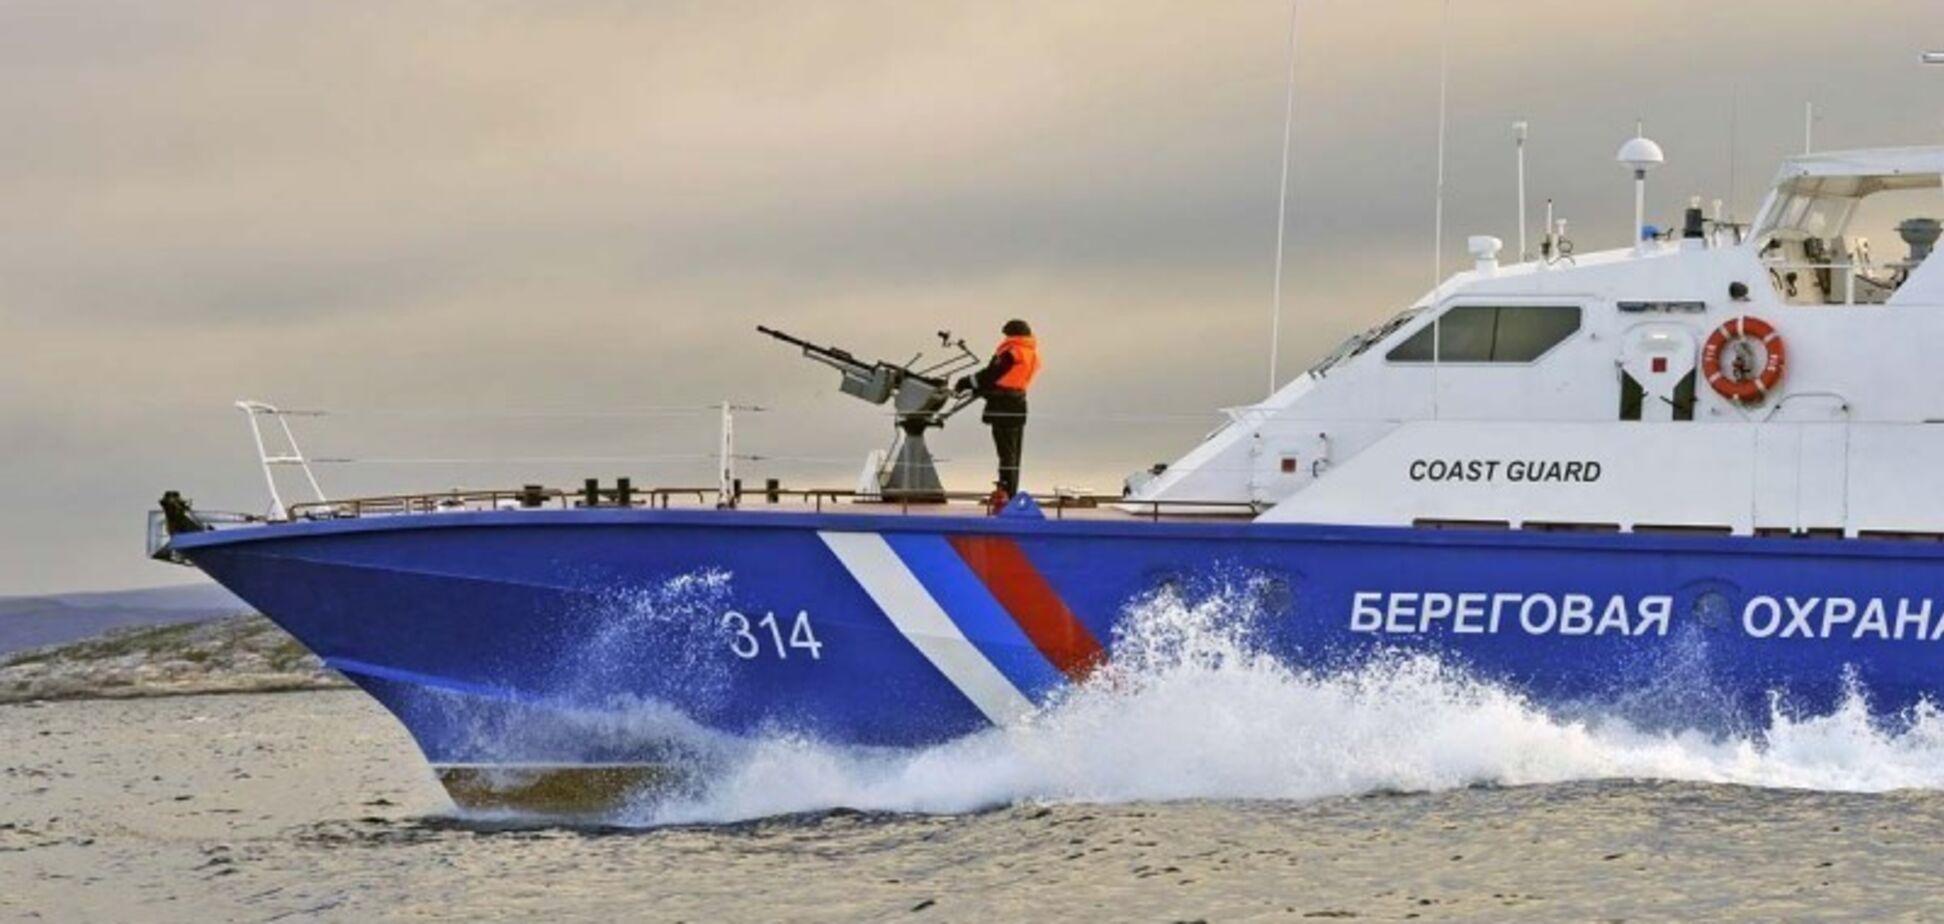 ''Крым - тестовая площадка'': постпред Украины заявил об серьезной угрозе с моря